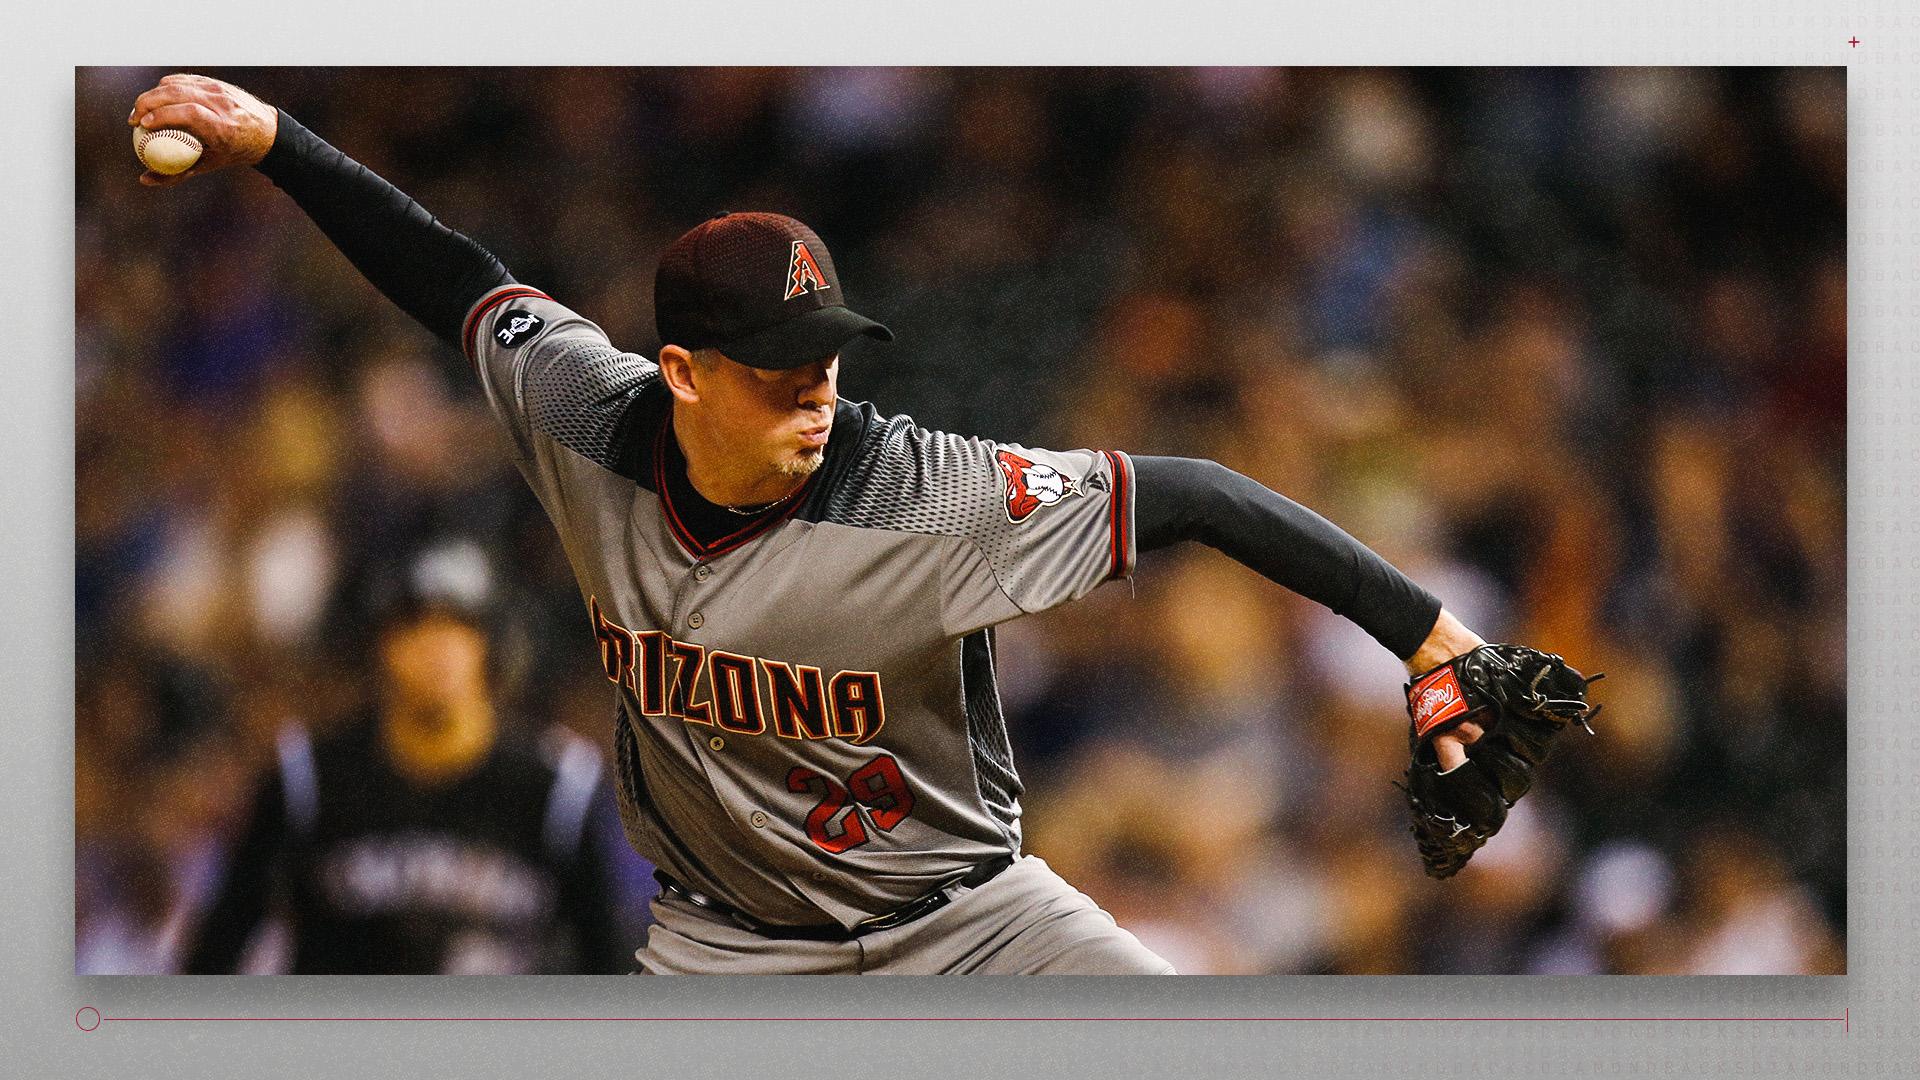 MLB_s03_05.jpg